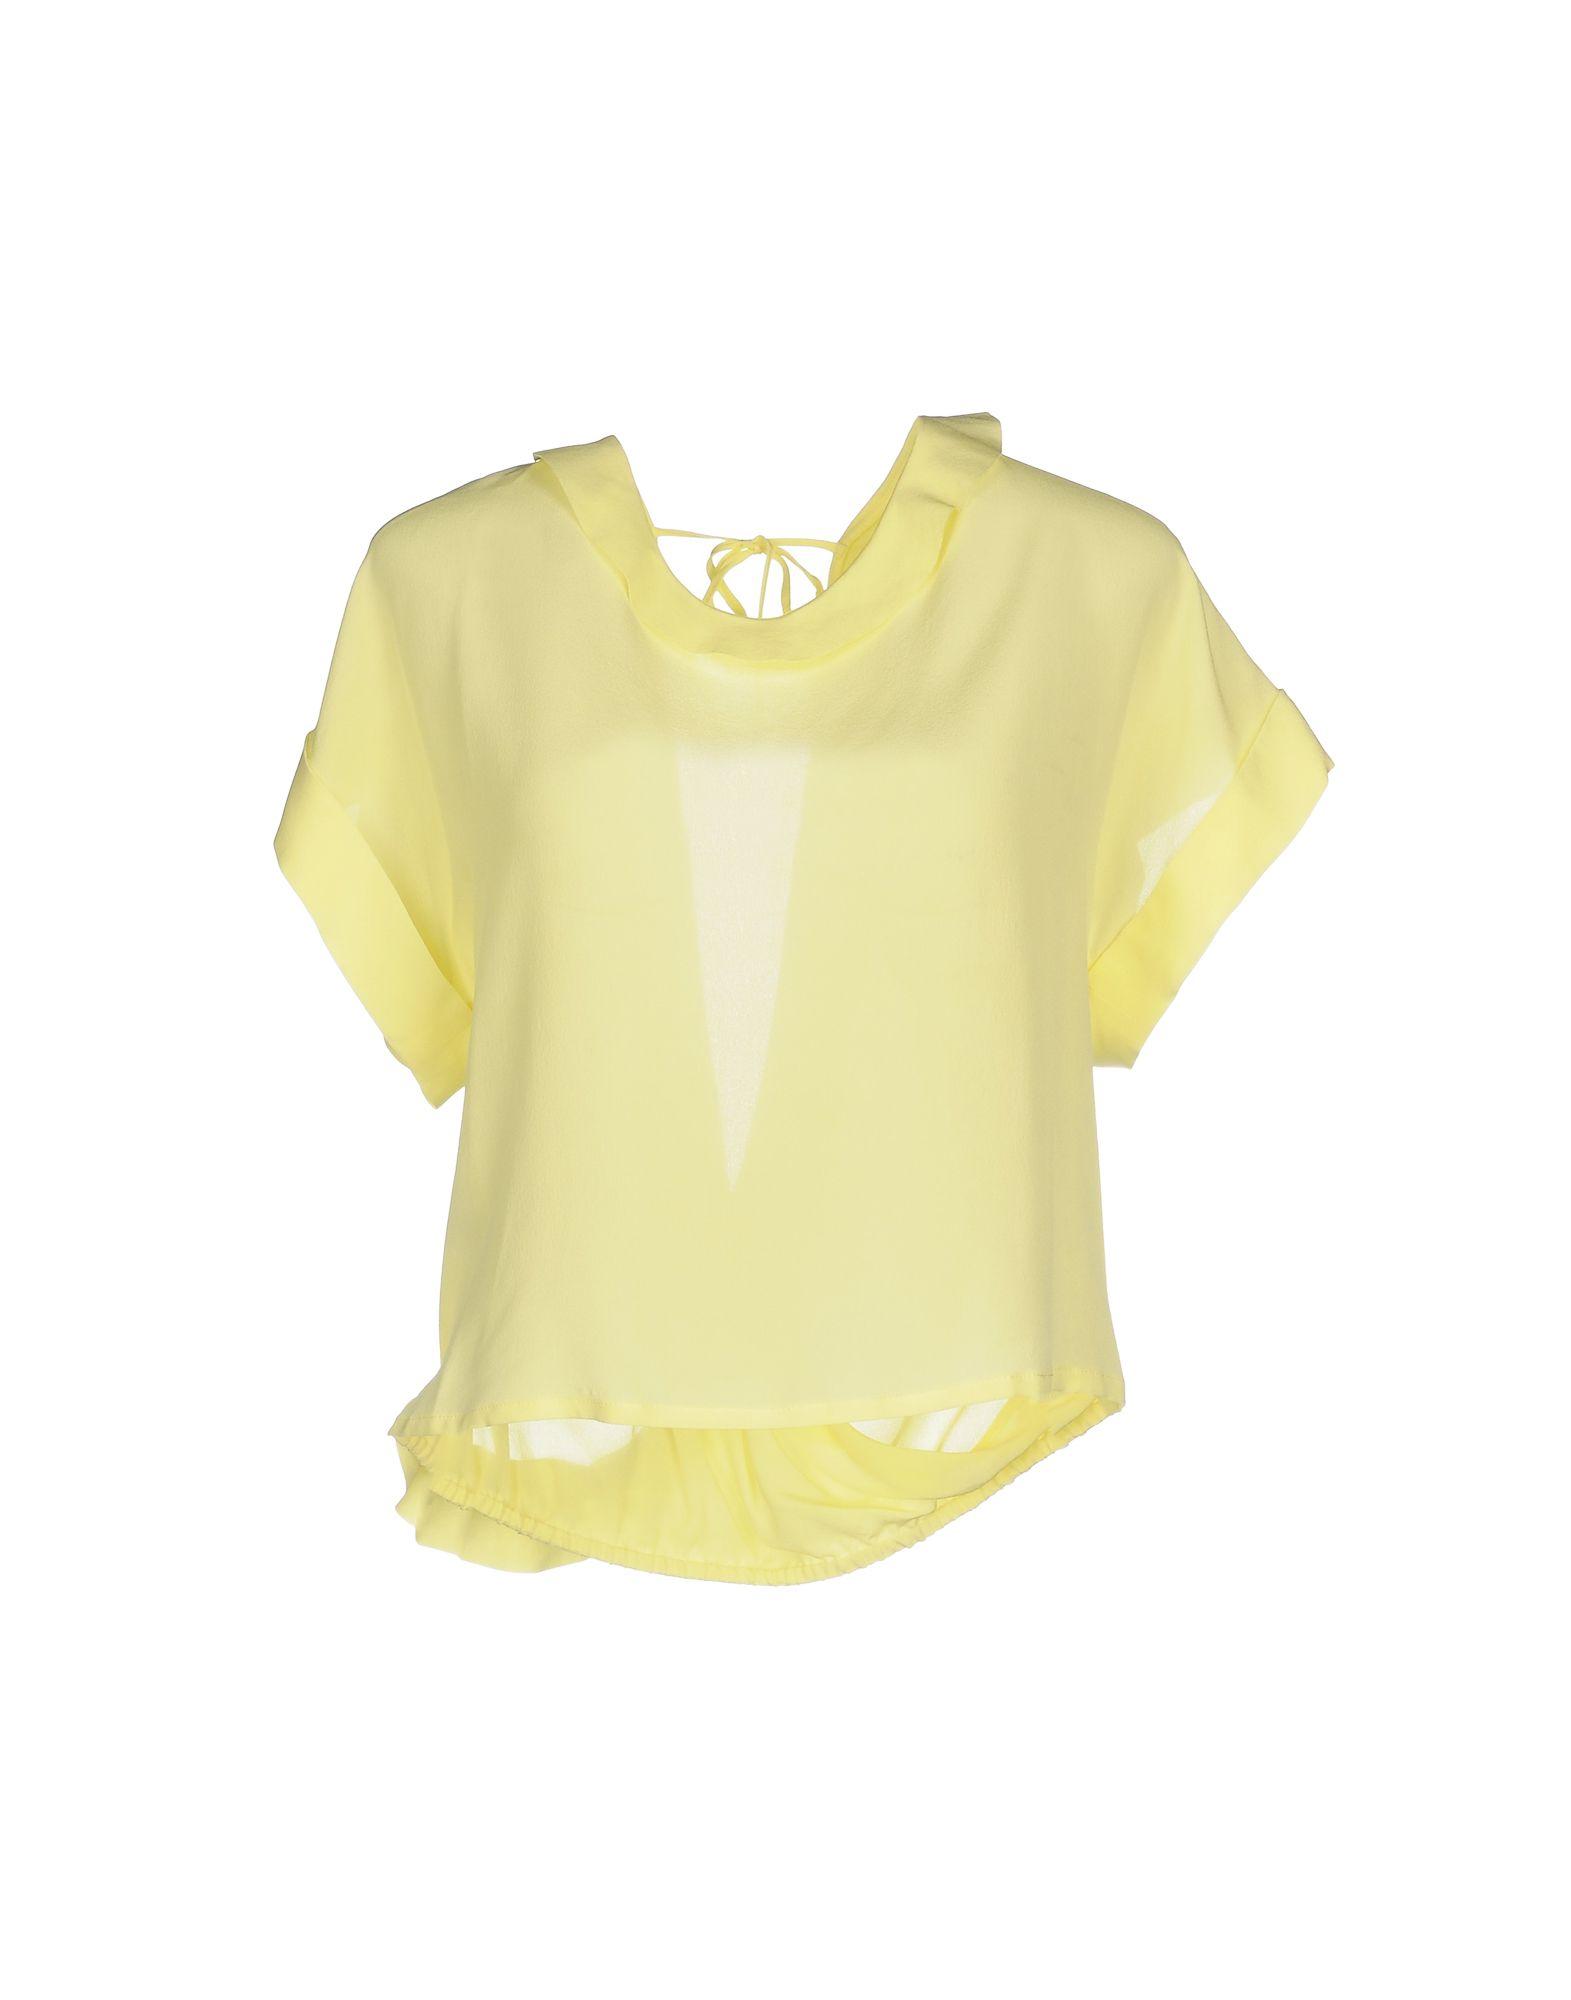 PINKO Damen Bluse Farbe Gelb Größe 6 - broschei